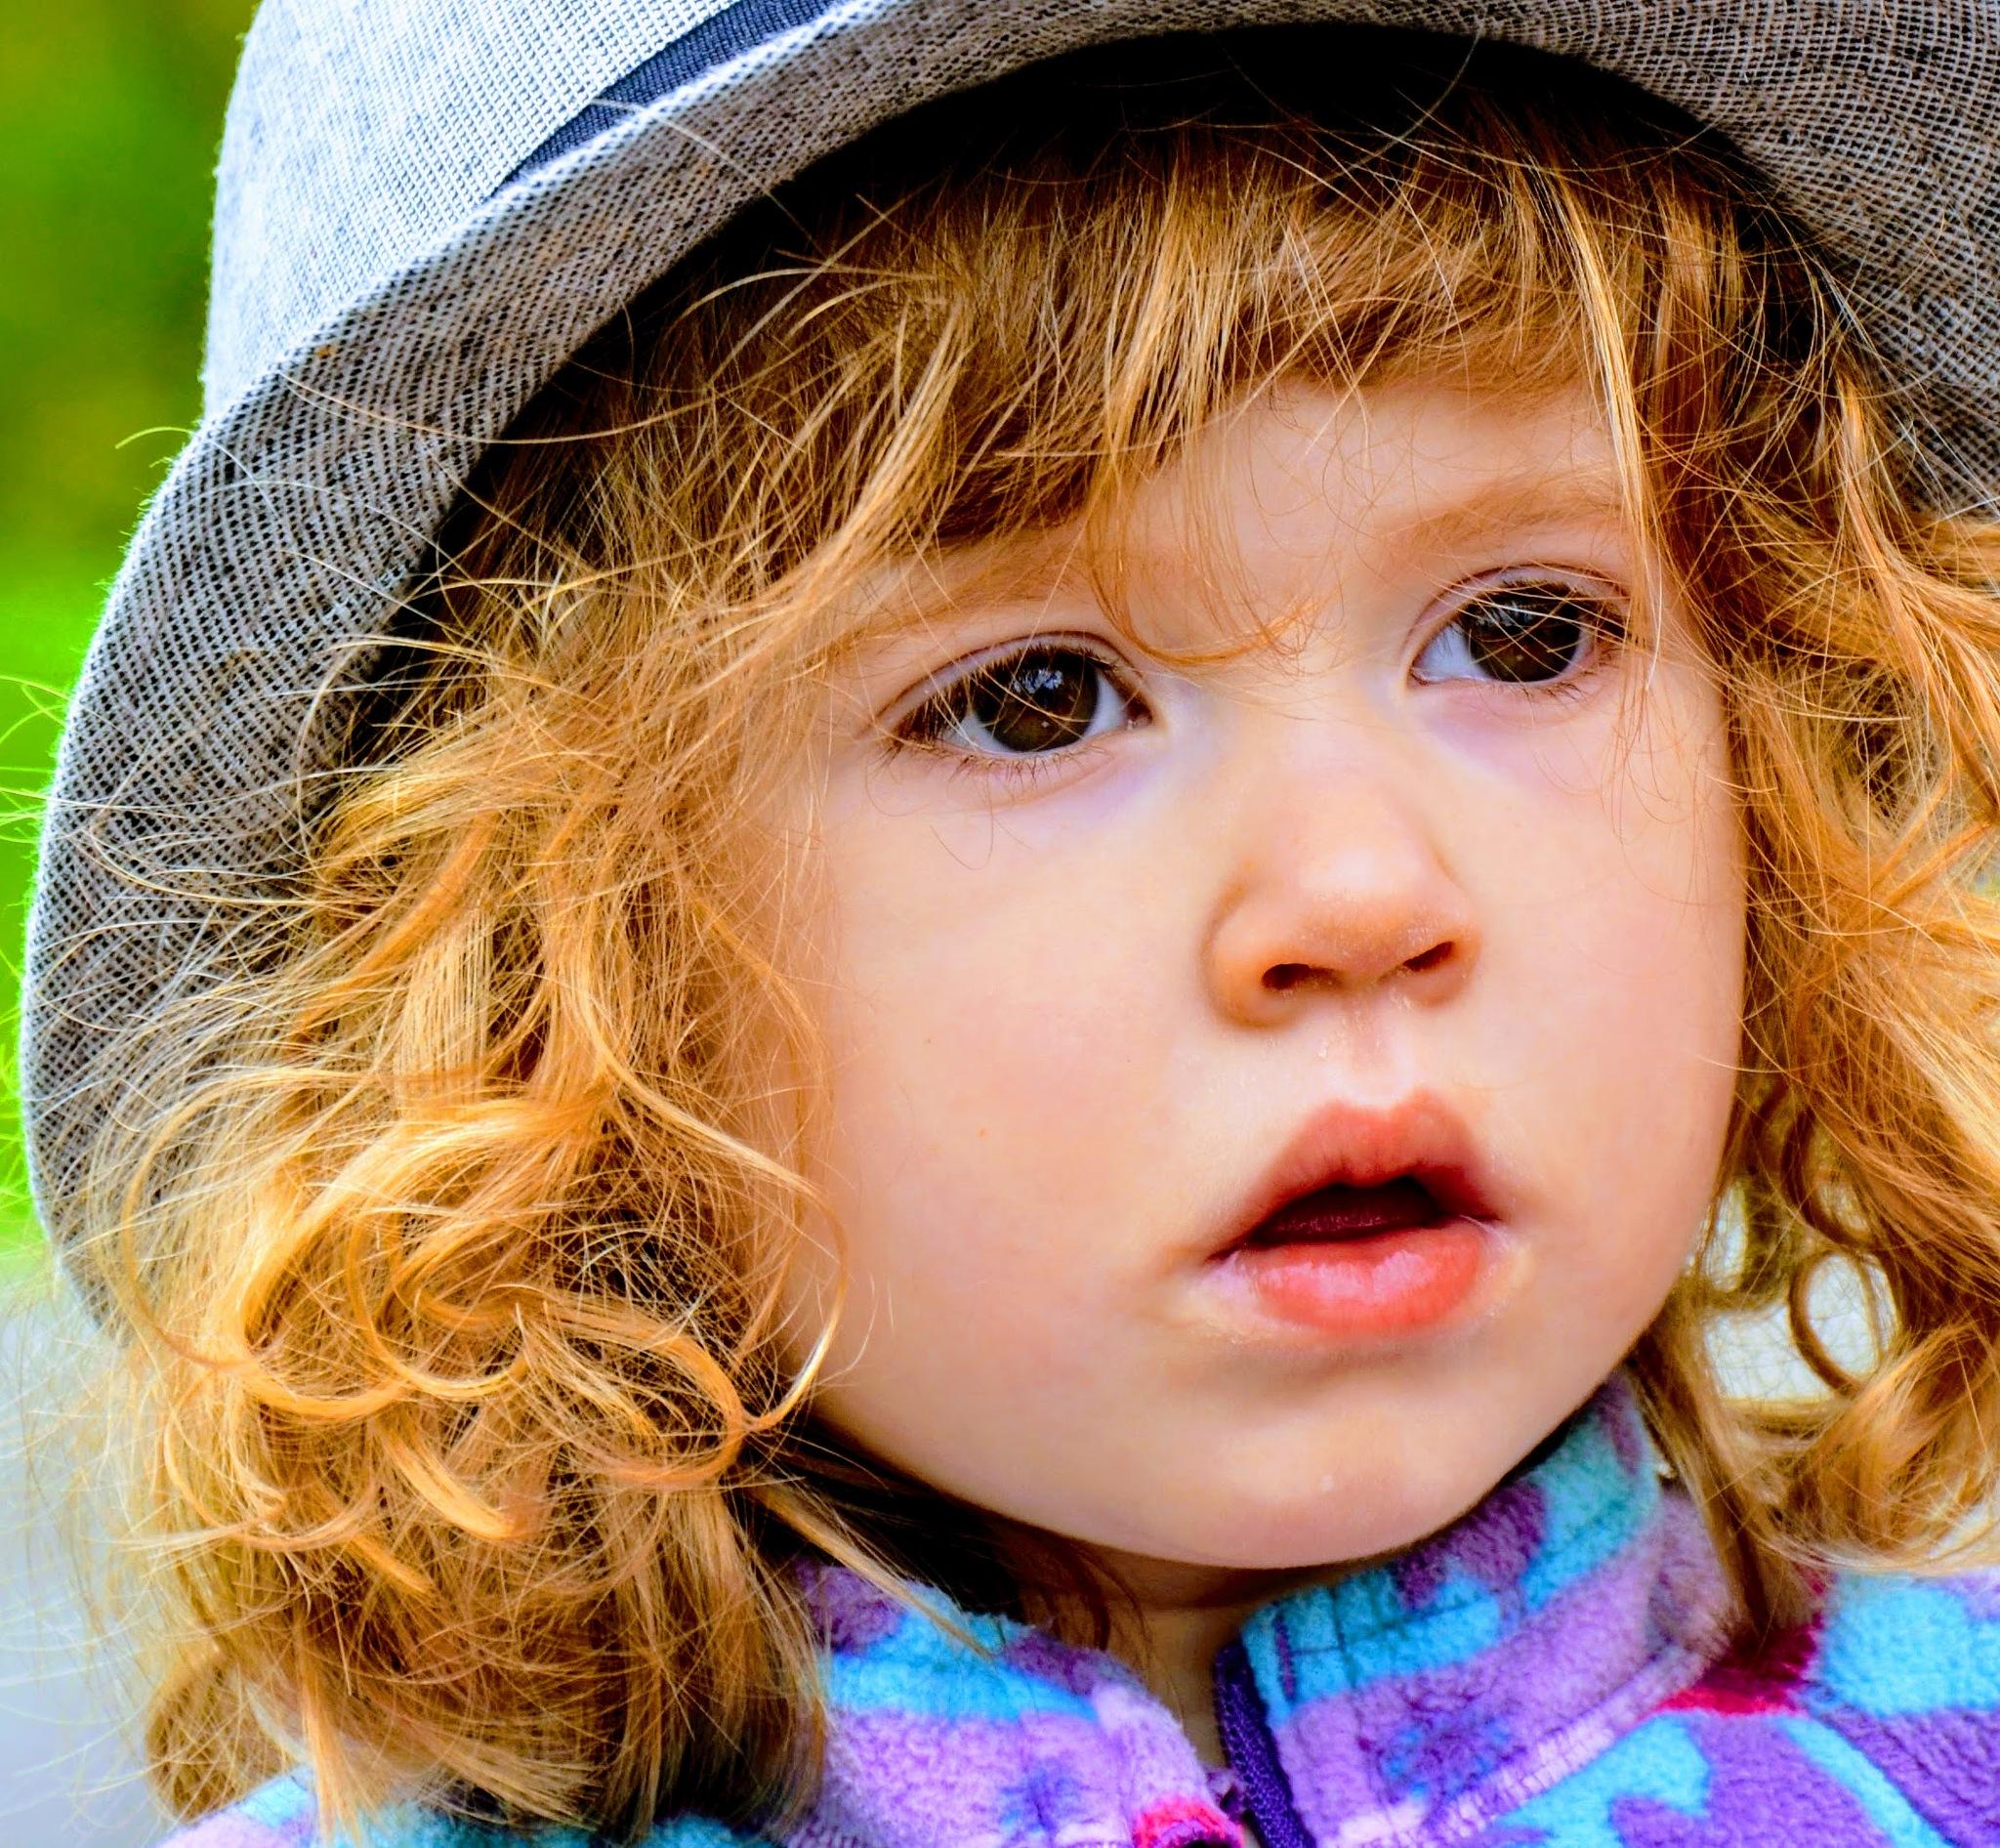 Le regard d'un enfant by real.michaud.5036